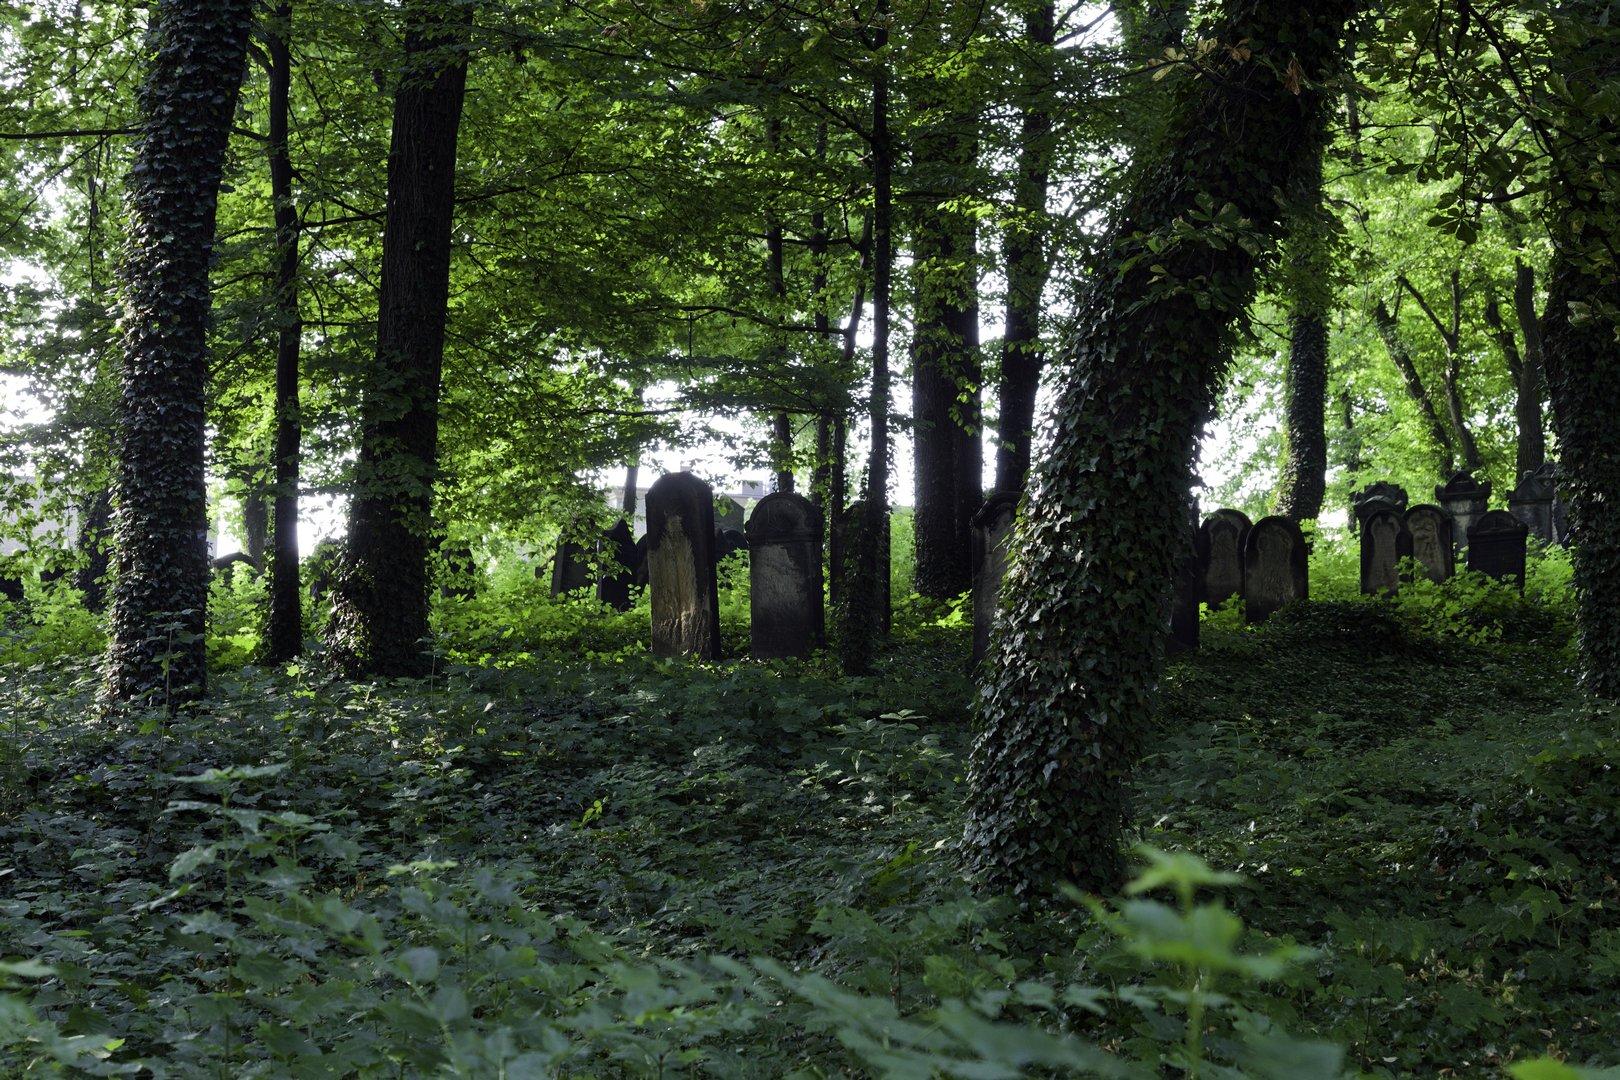 Cmentarz żydowski w Mikołowie - Silesia. Positve energy